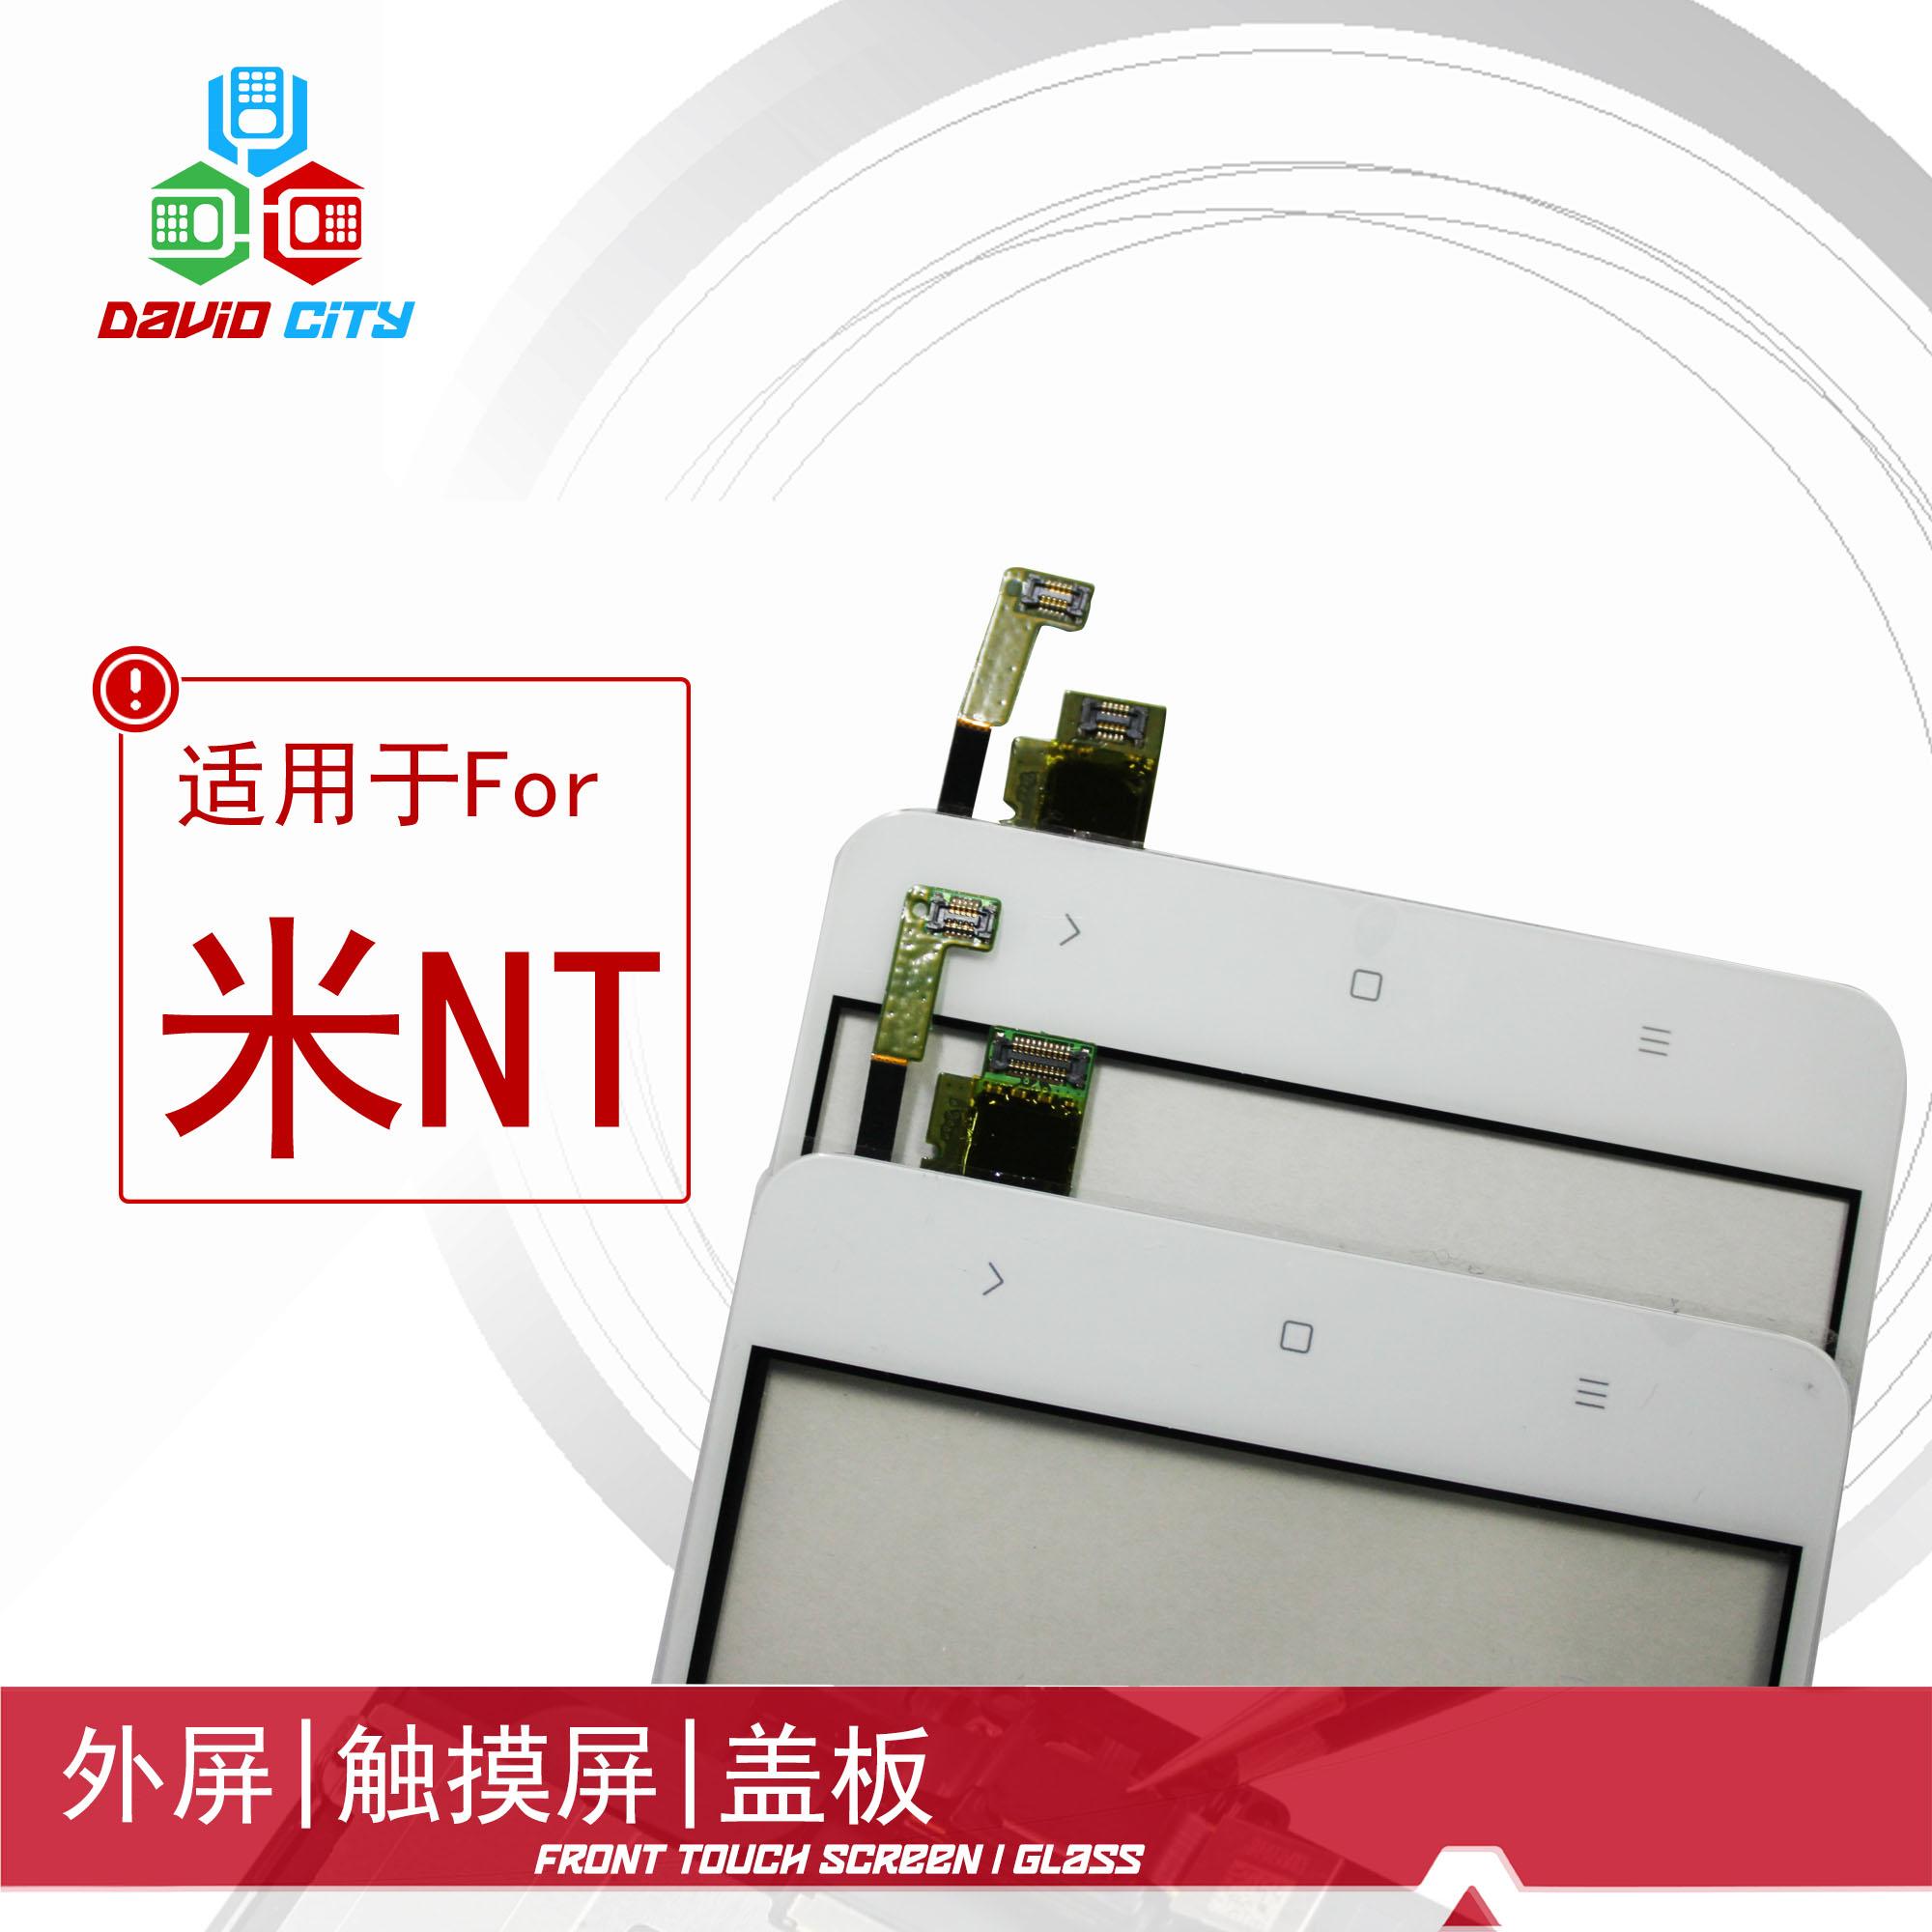 大卫小米适用一体note手机显示屏miNOTE液晶触摸内外屏总成屏幕